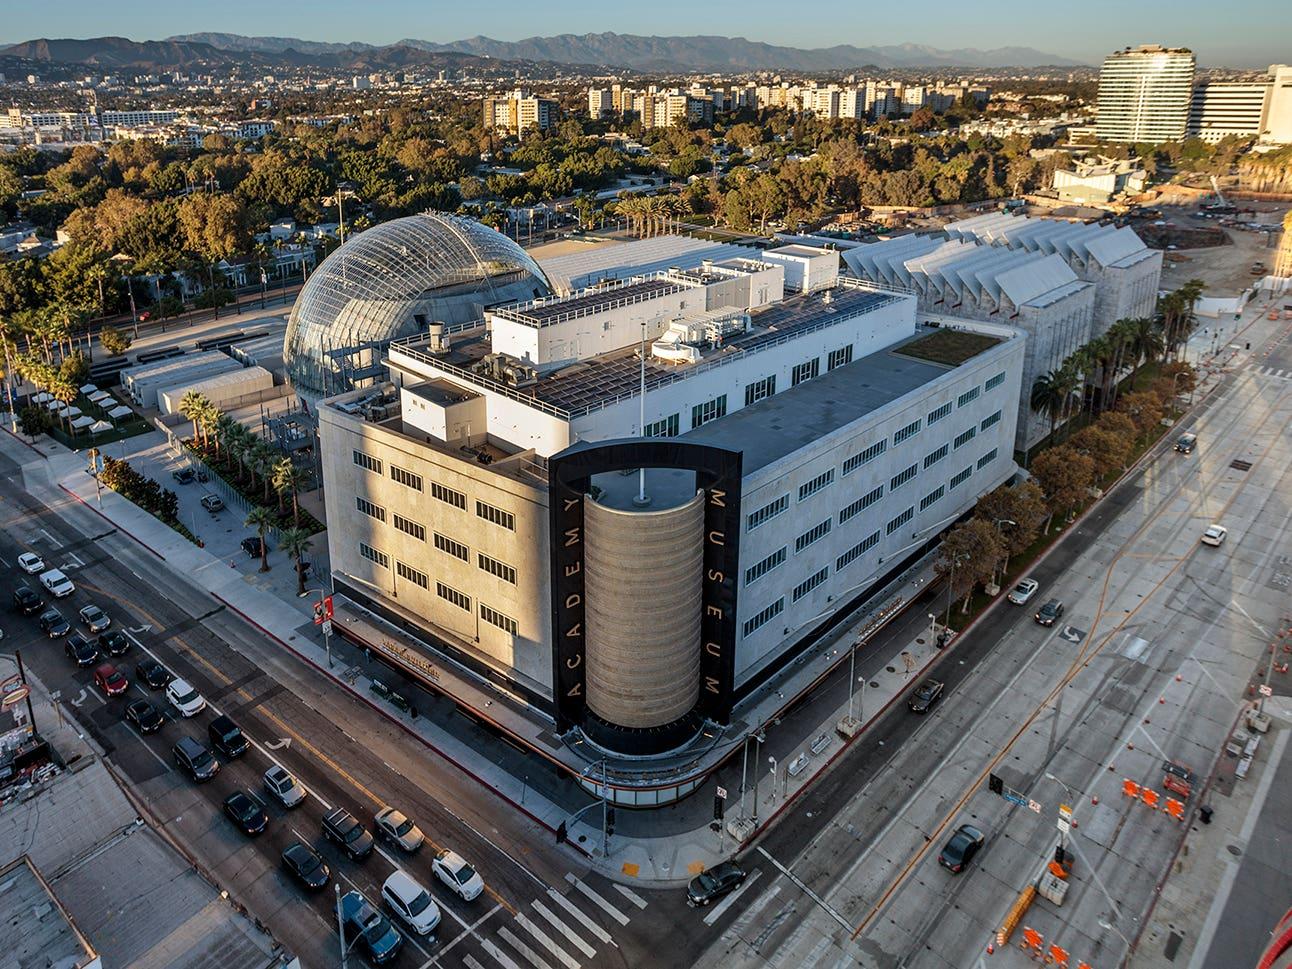 Academy Museum Exterior 2021 Drone